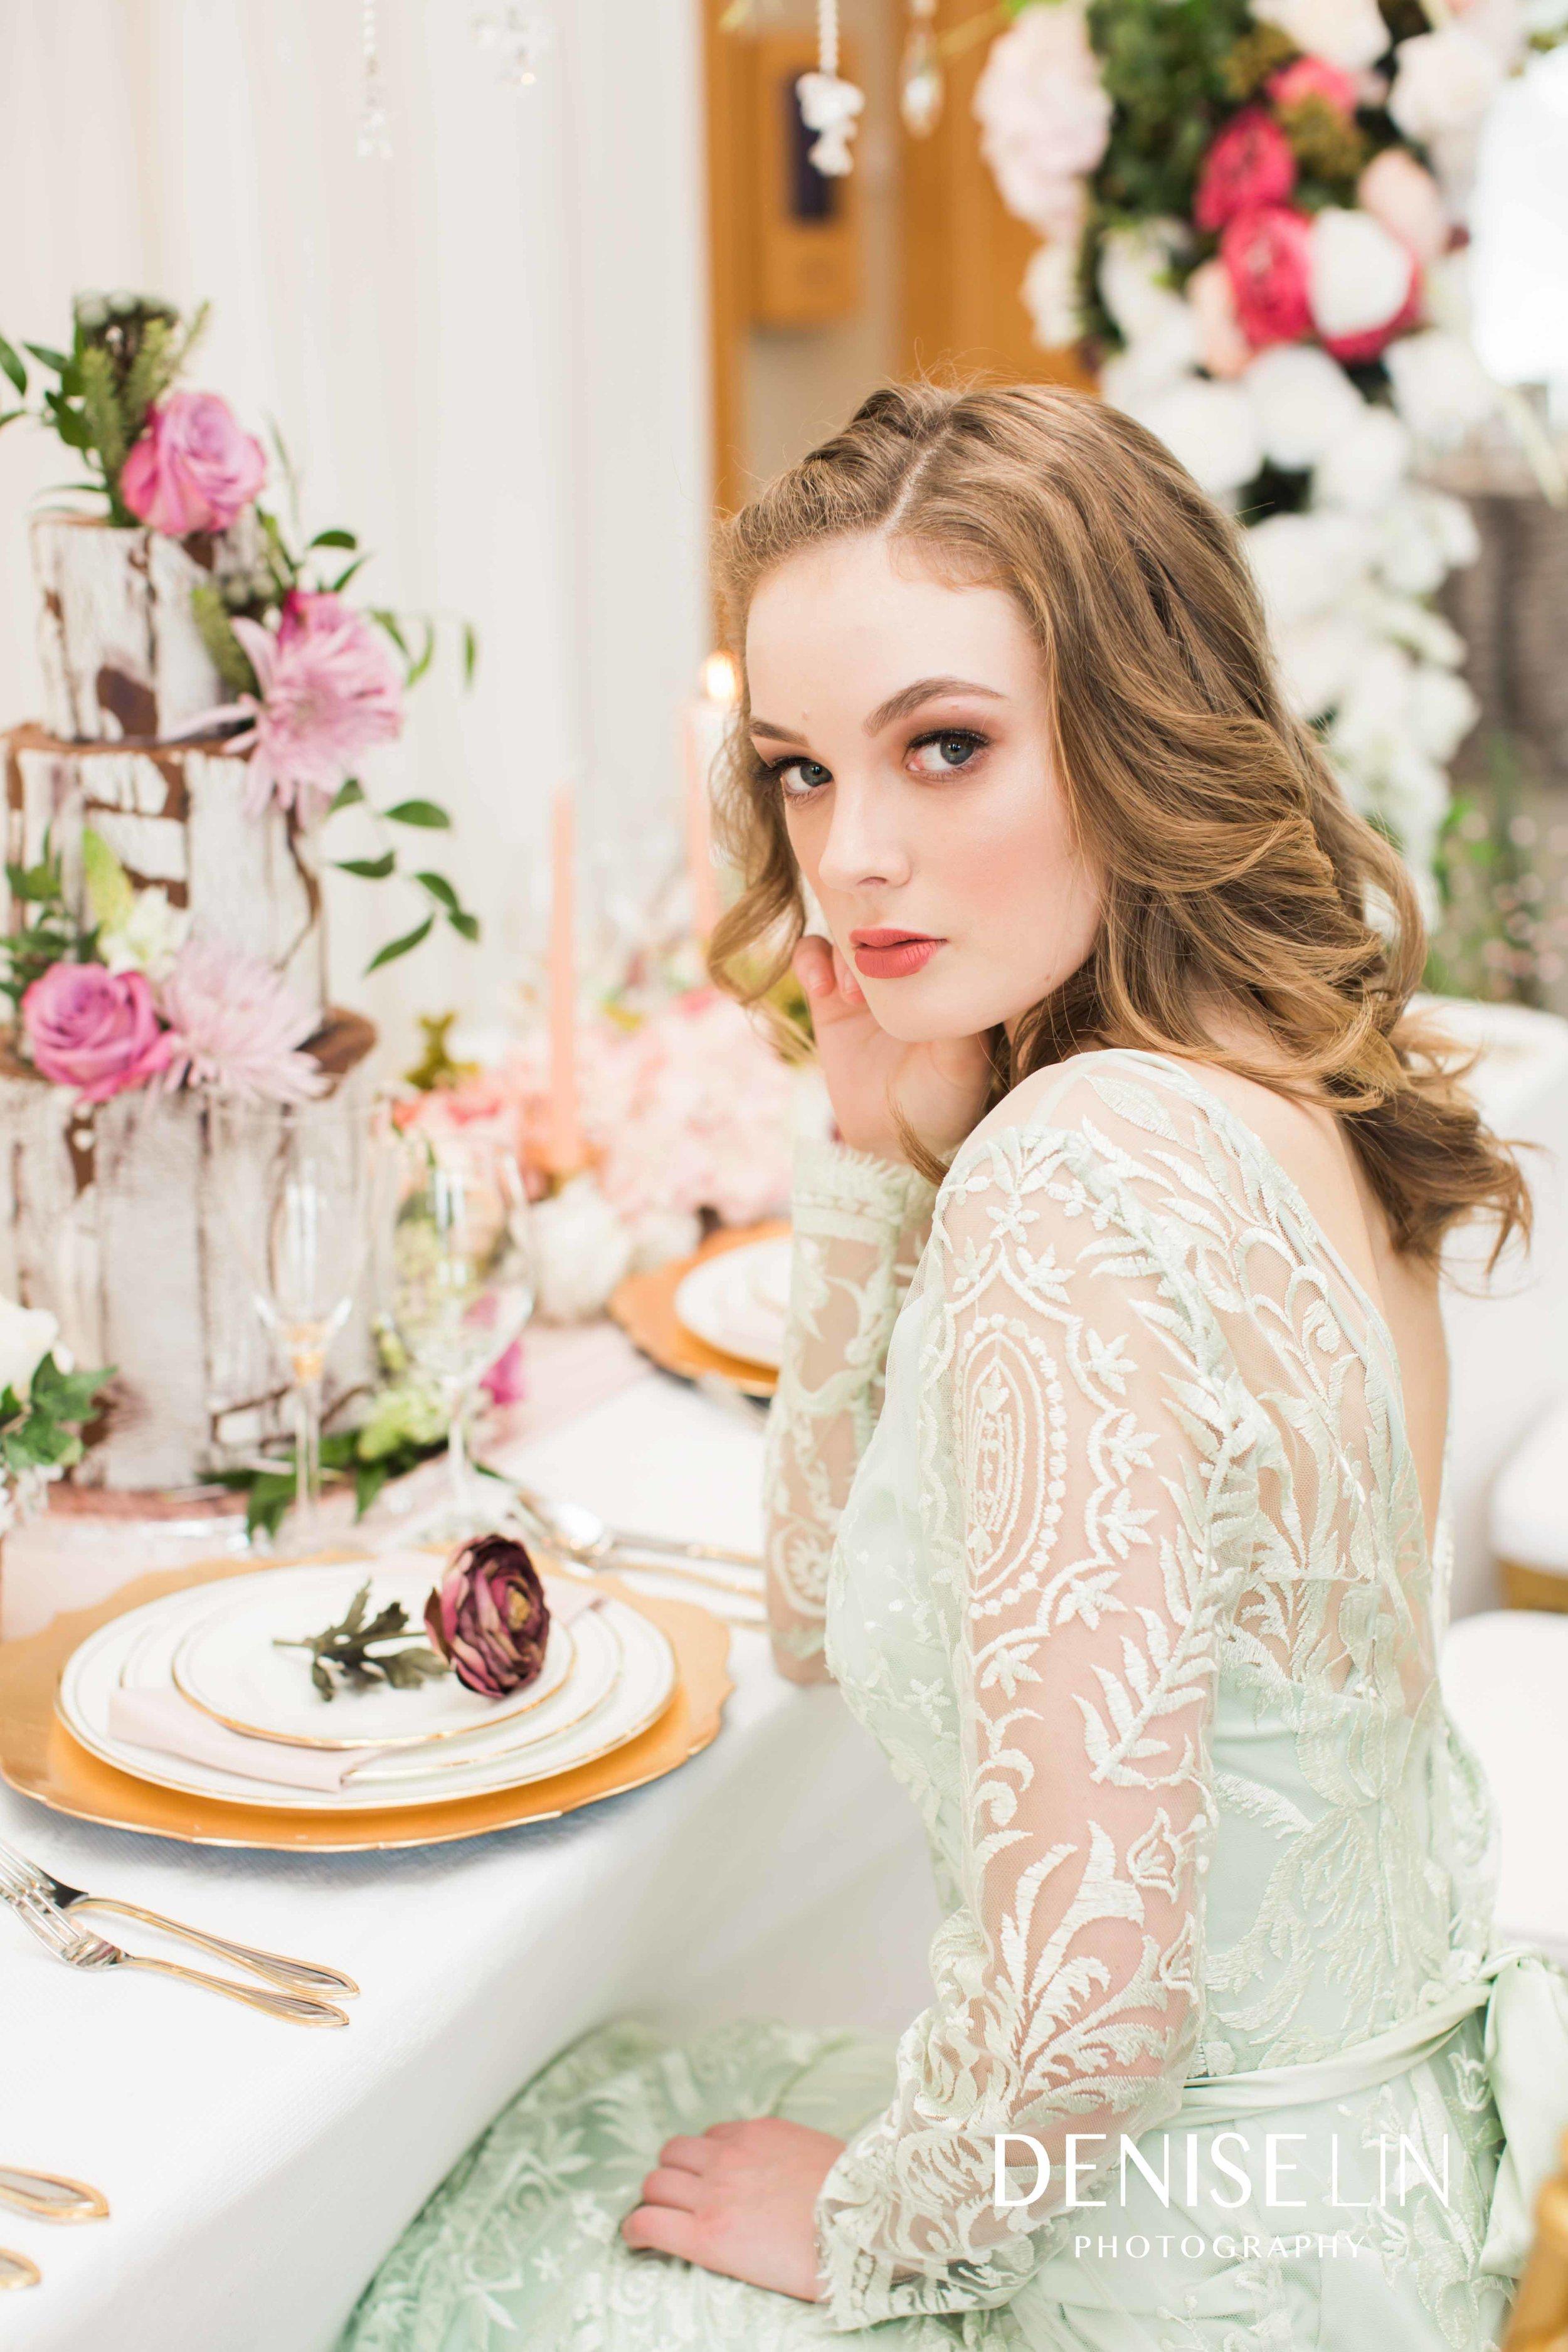 BridalFashionPromo-DeniseLinPhotography-177logo.jpg